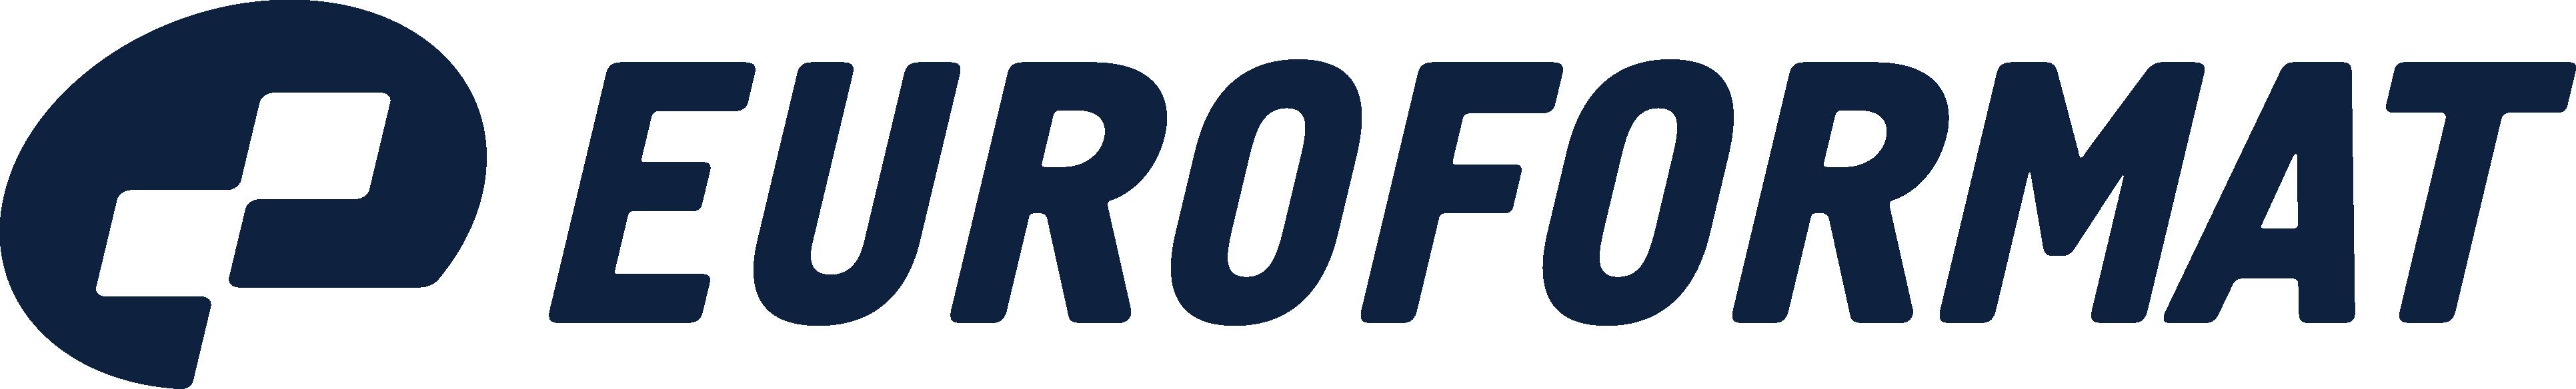 Євроформат